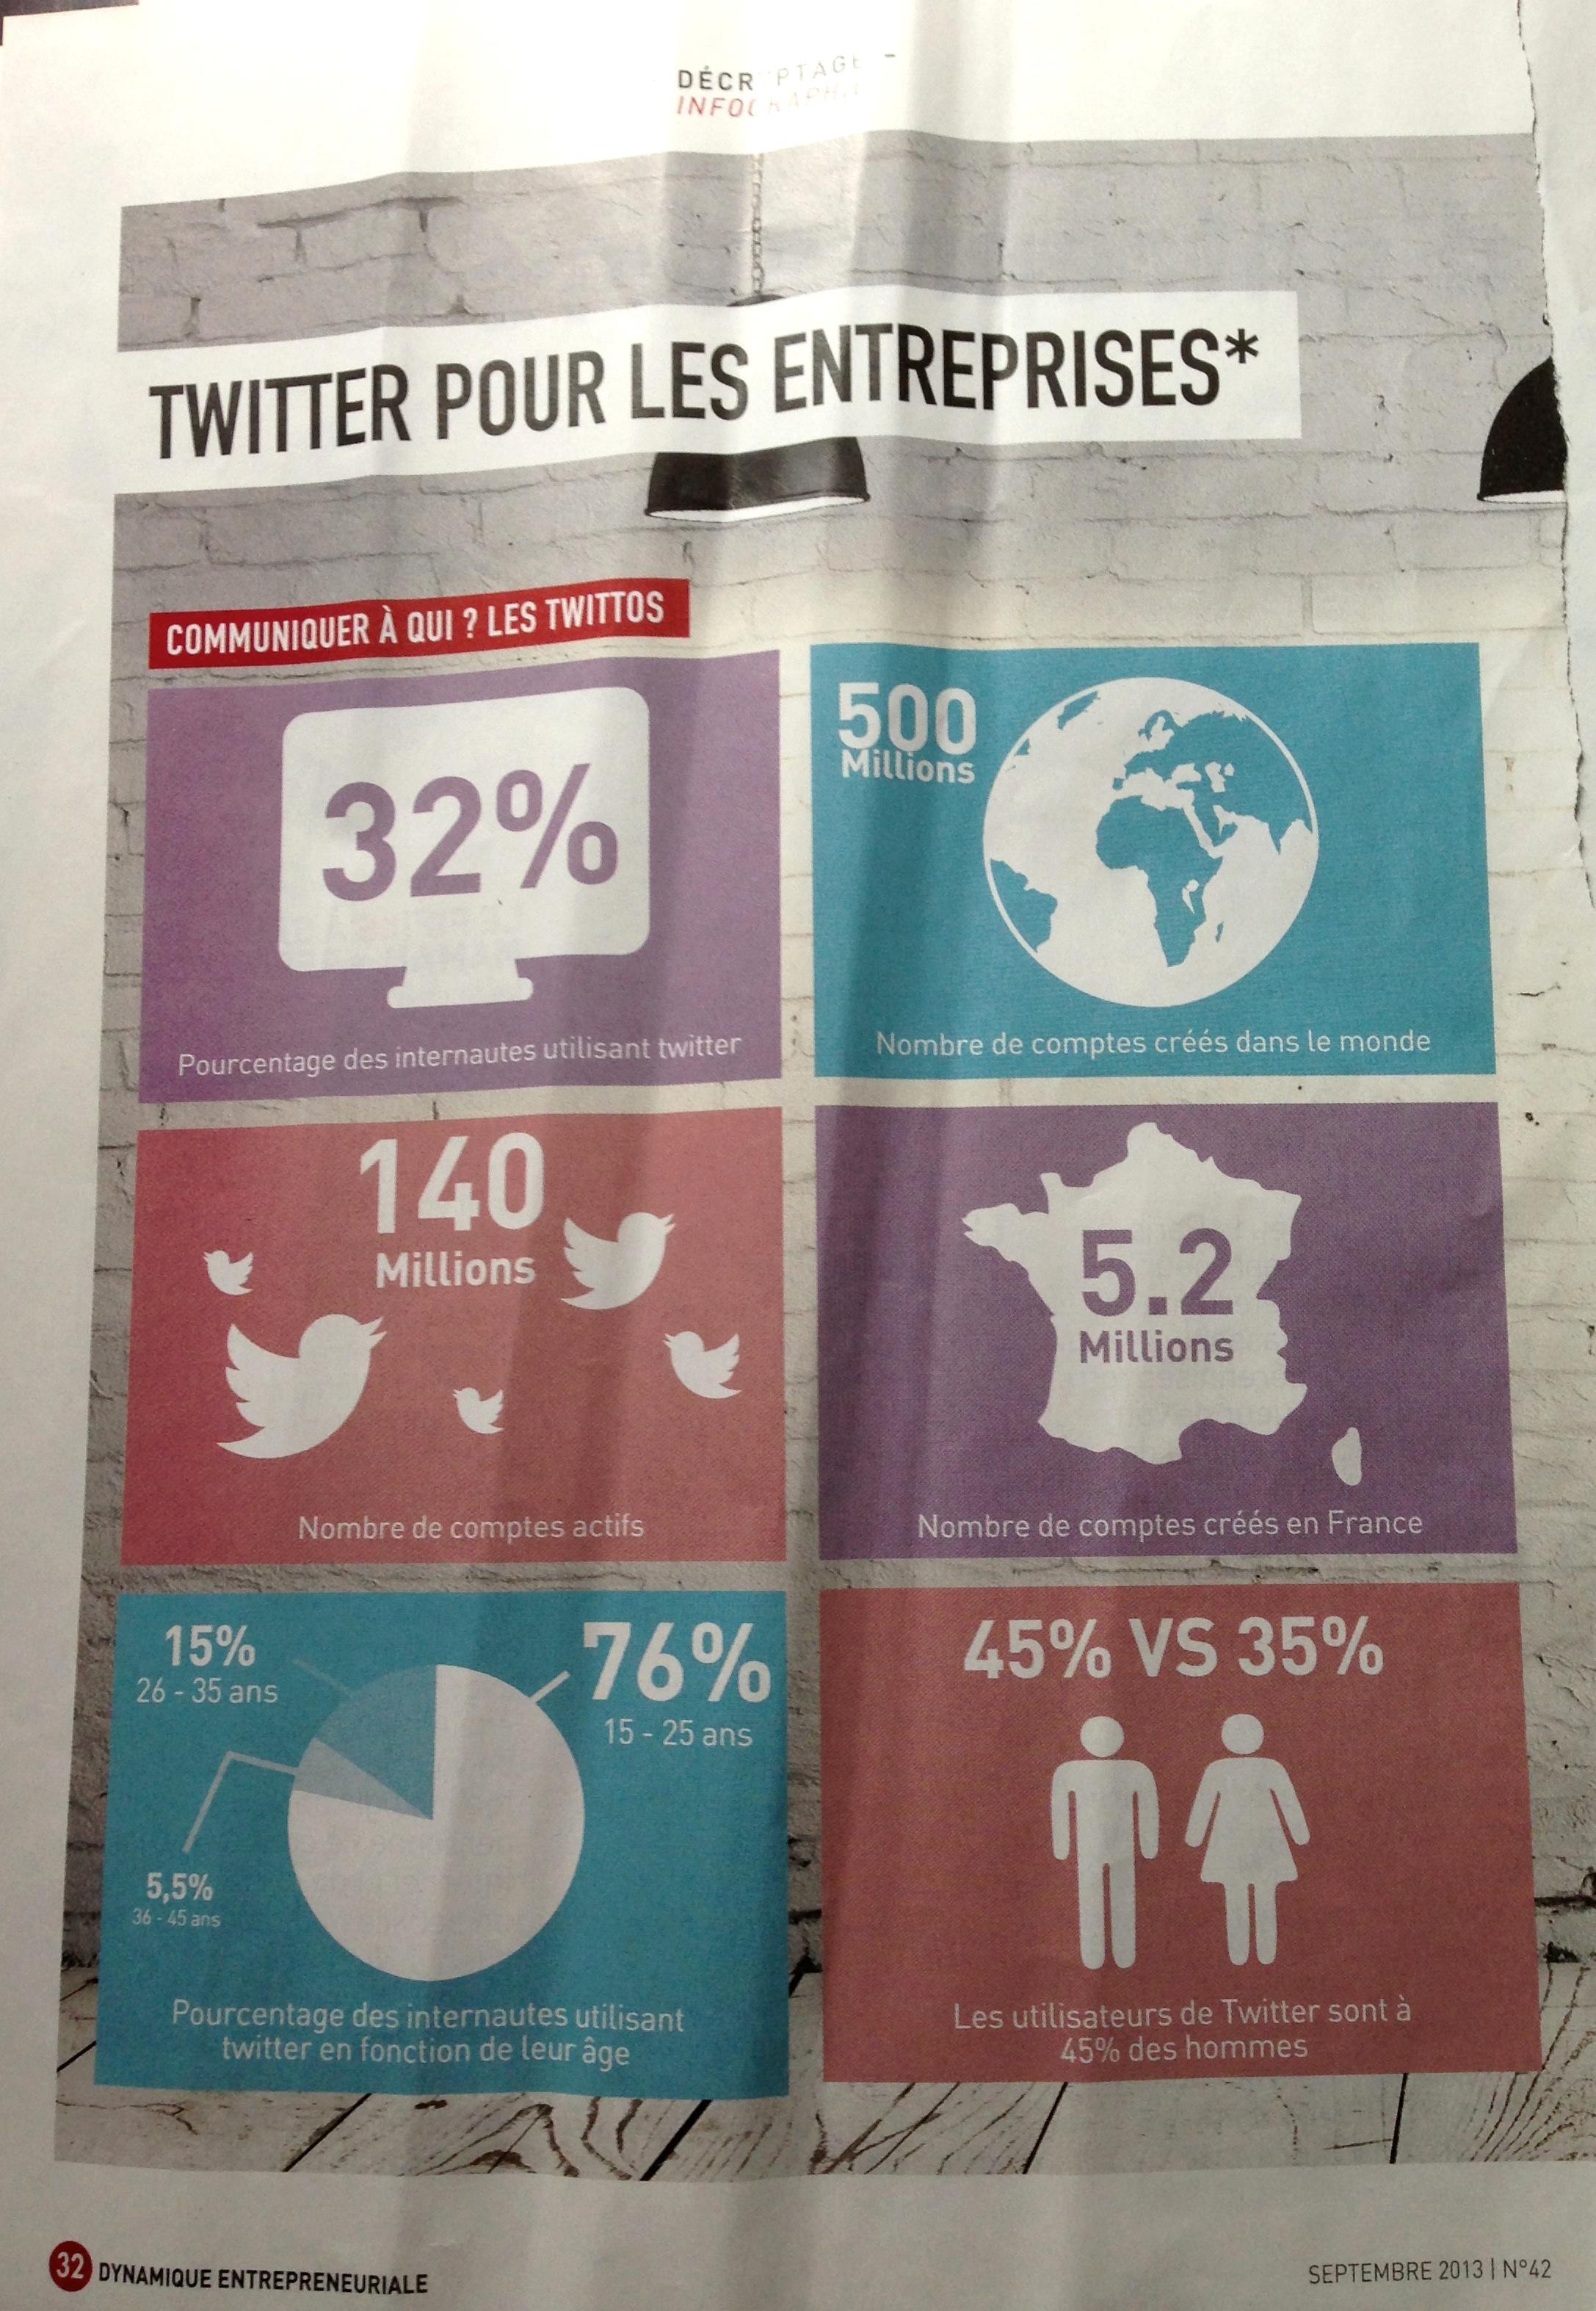 Dynamique Entrepreneuriale, Twitter pour les Entreprises, The Myndset digital marketing